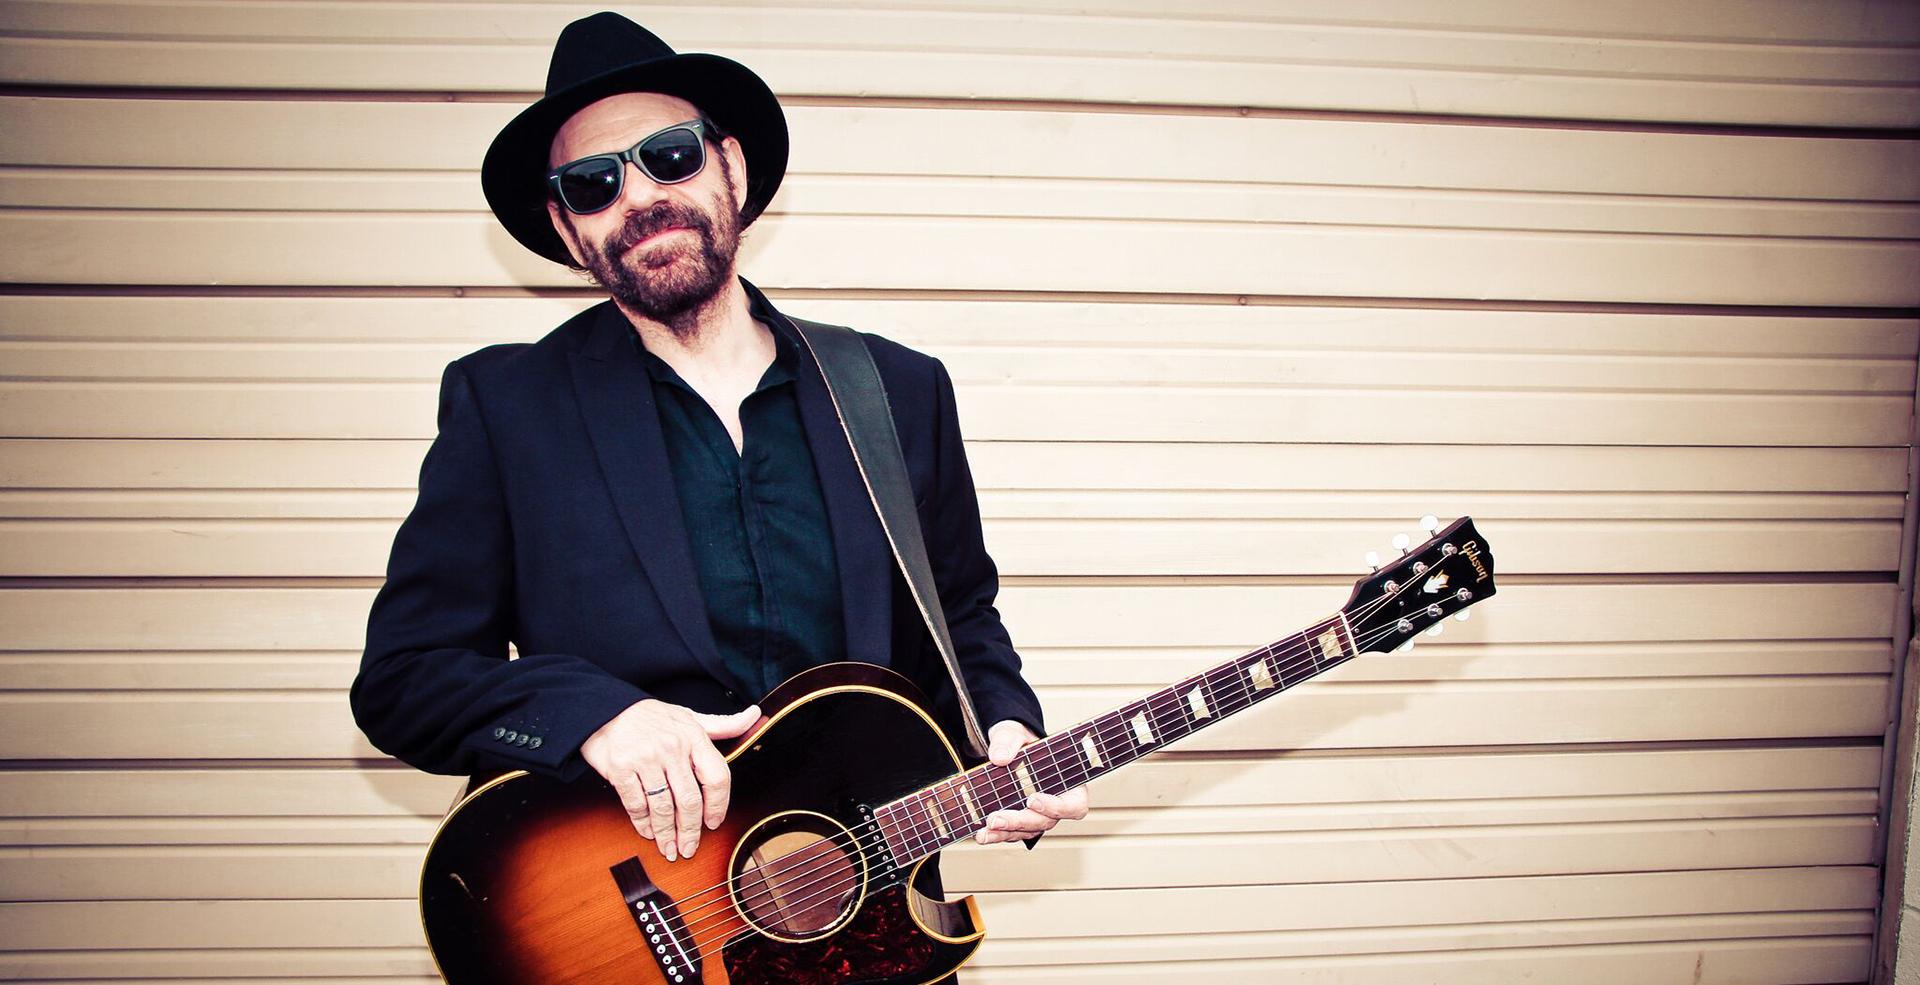 Le producteur et auteur-compositeur canadien Colin Linden lauréat d'un prix Grammy